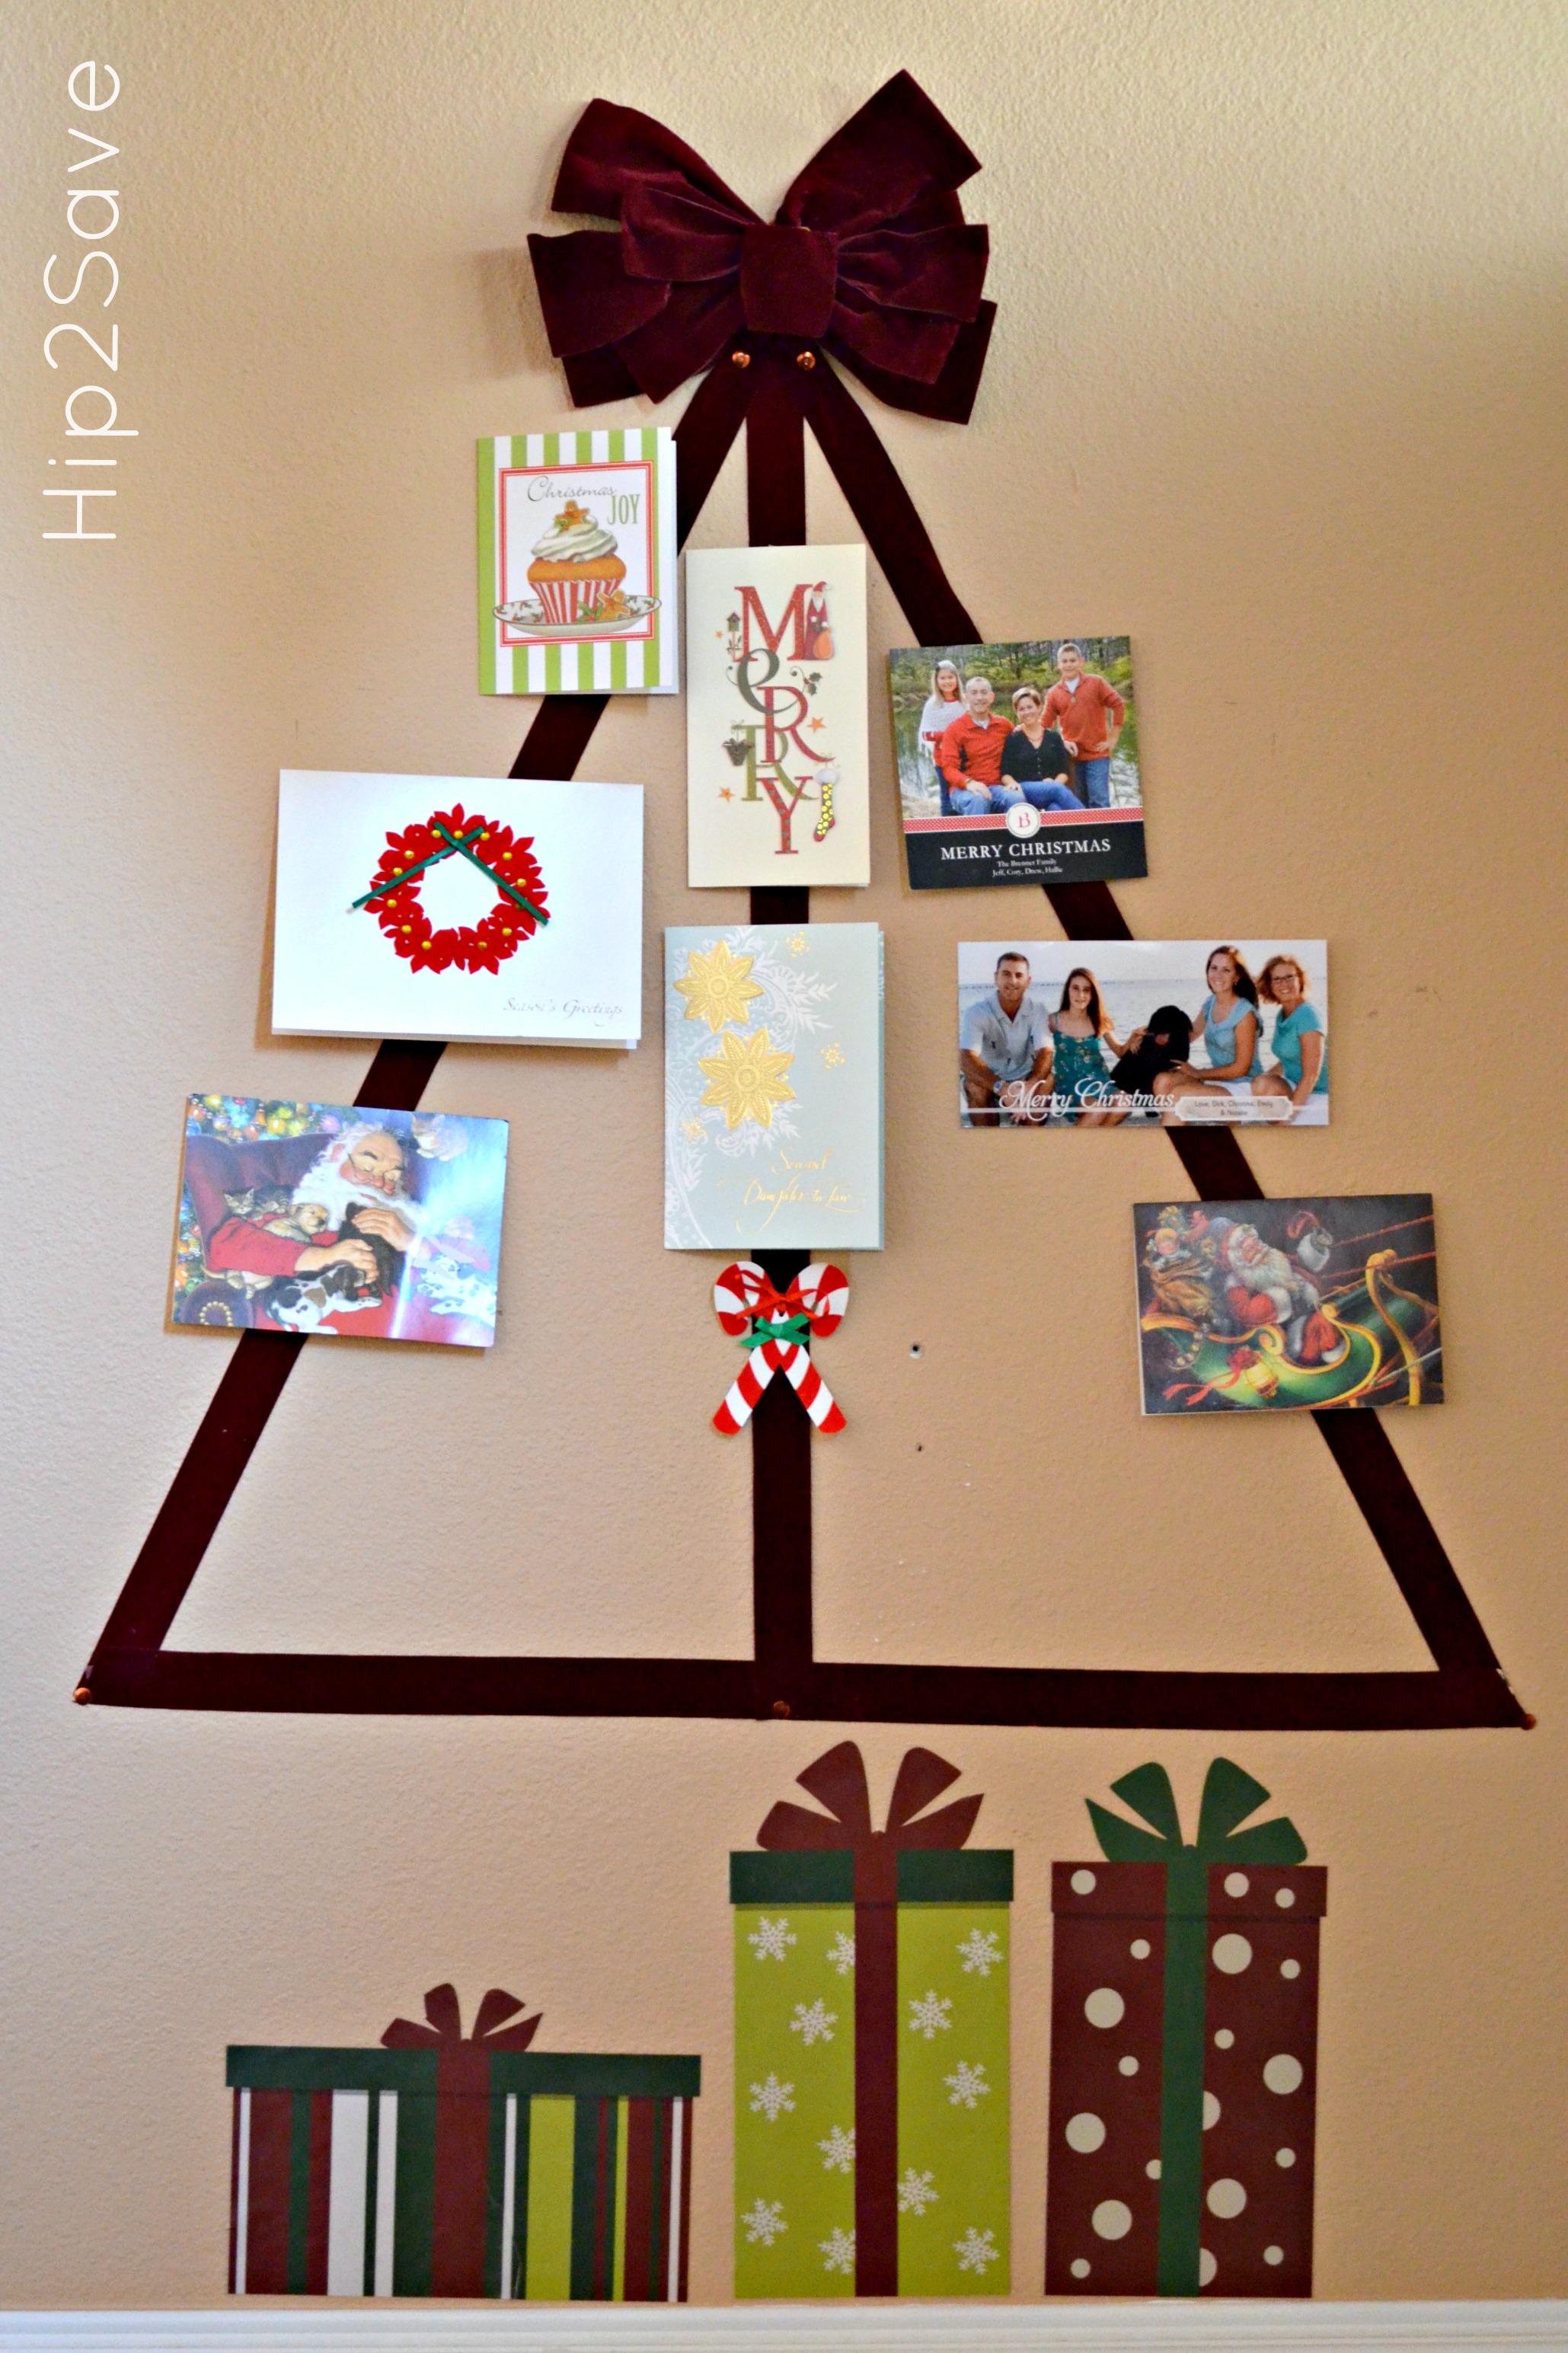 Creative christmas card display ideas hip2save - Christmas card display ideas ...